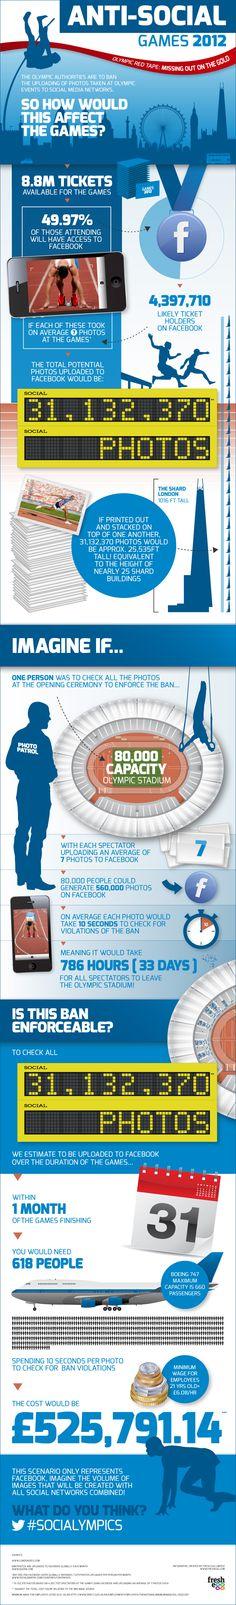 ¿Quien detendra compartir fotos en los Juegos Olímpicos? #infographic #olympicgames #sport #socialmedia